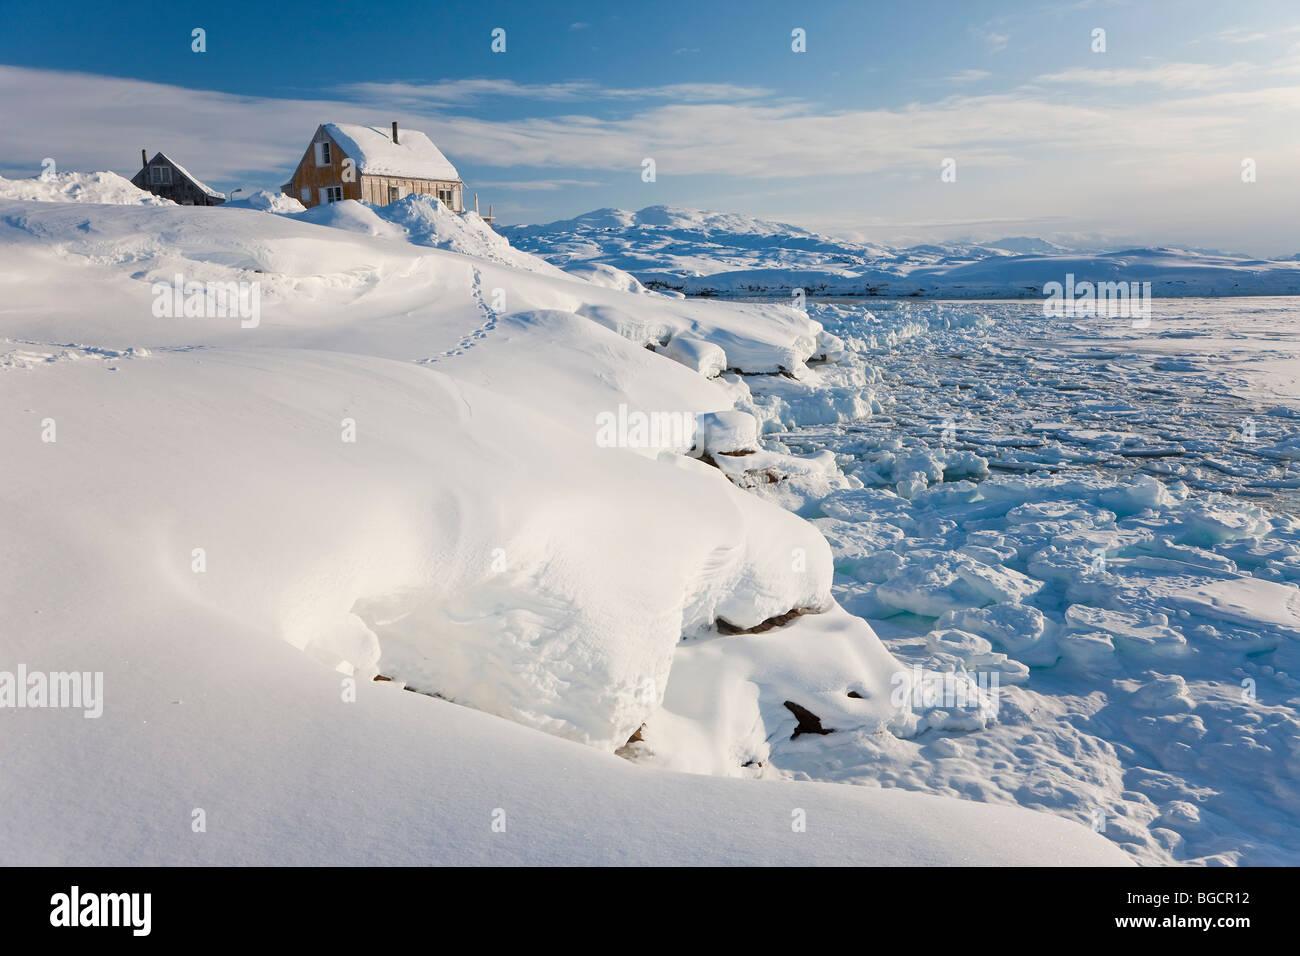 Maison sur bord de fjord, Tiniteqilaq, Groenland Photo Stock